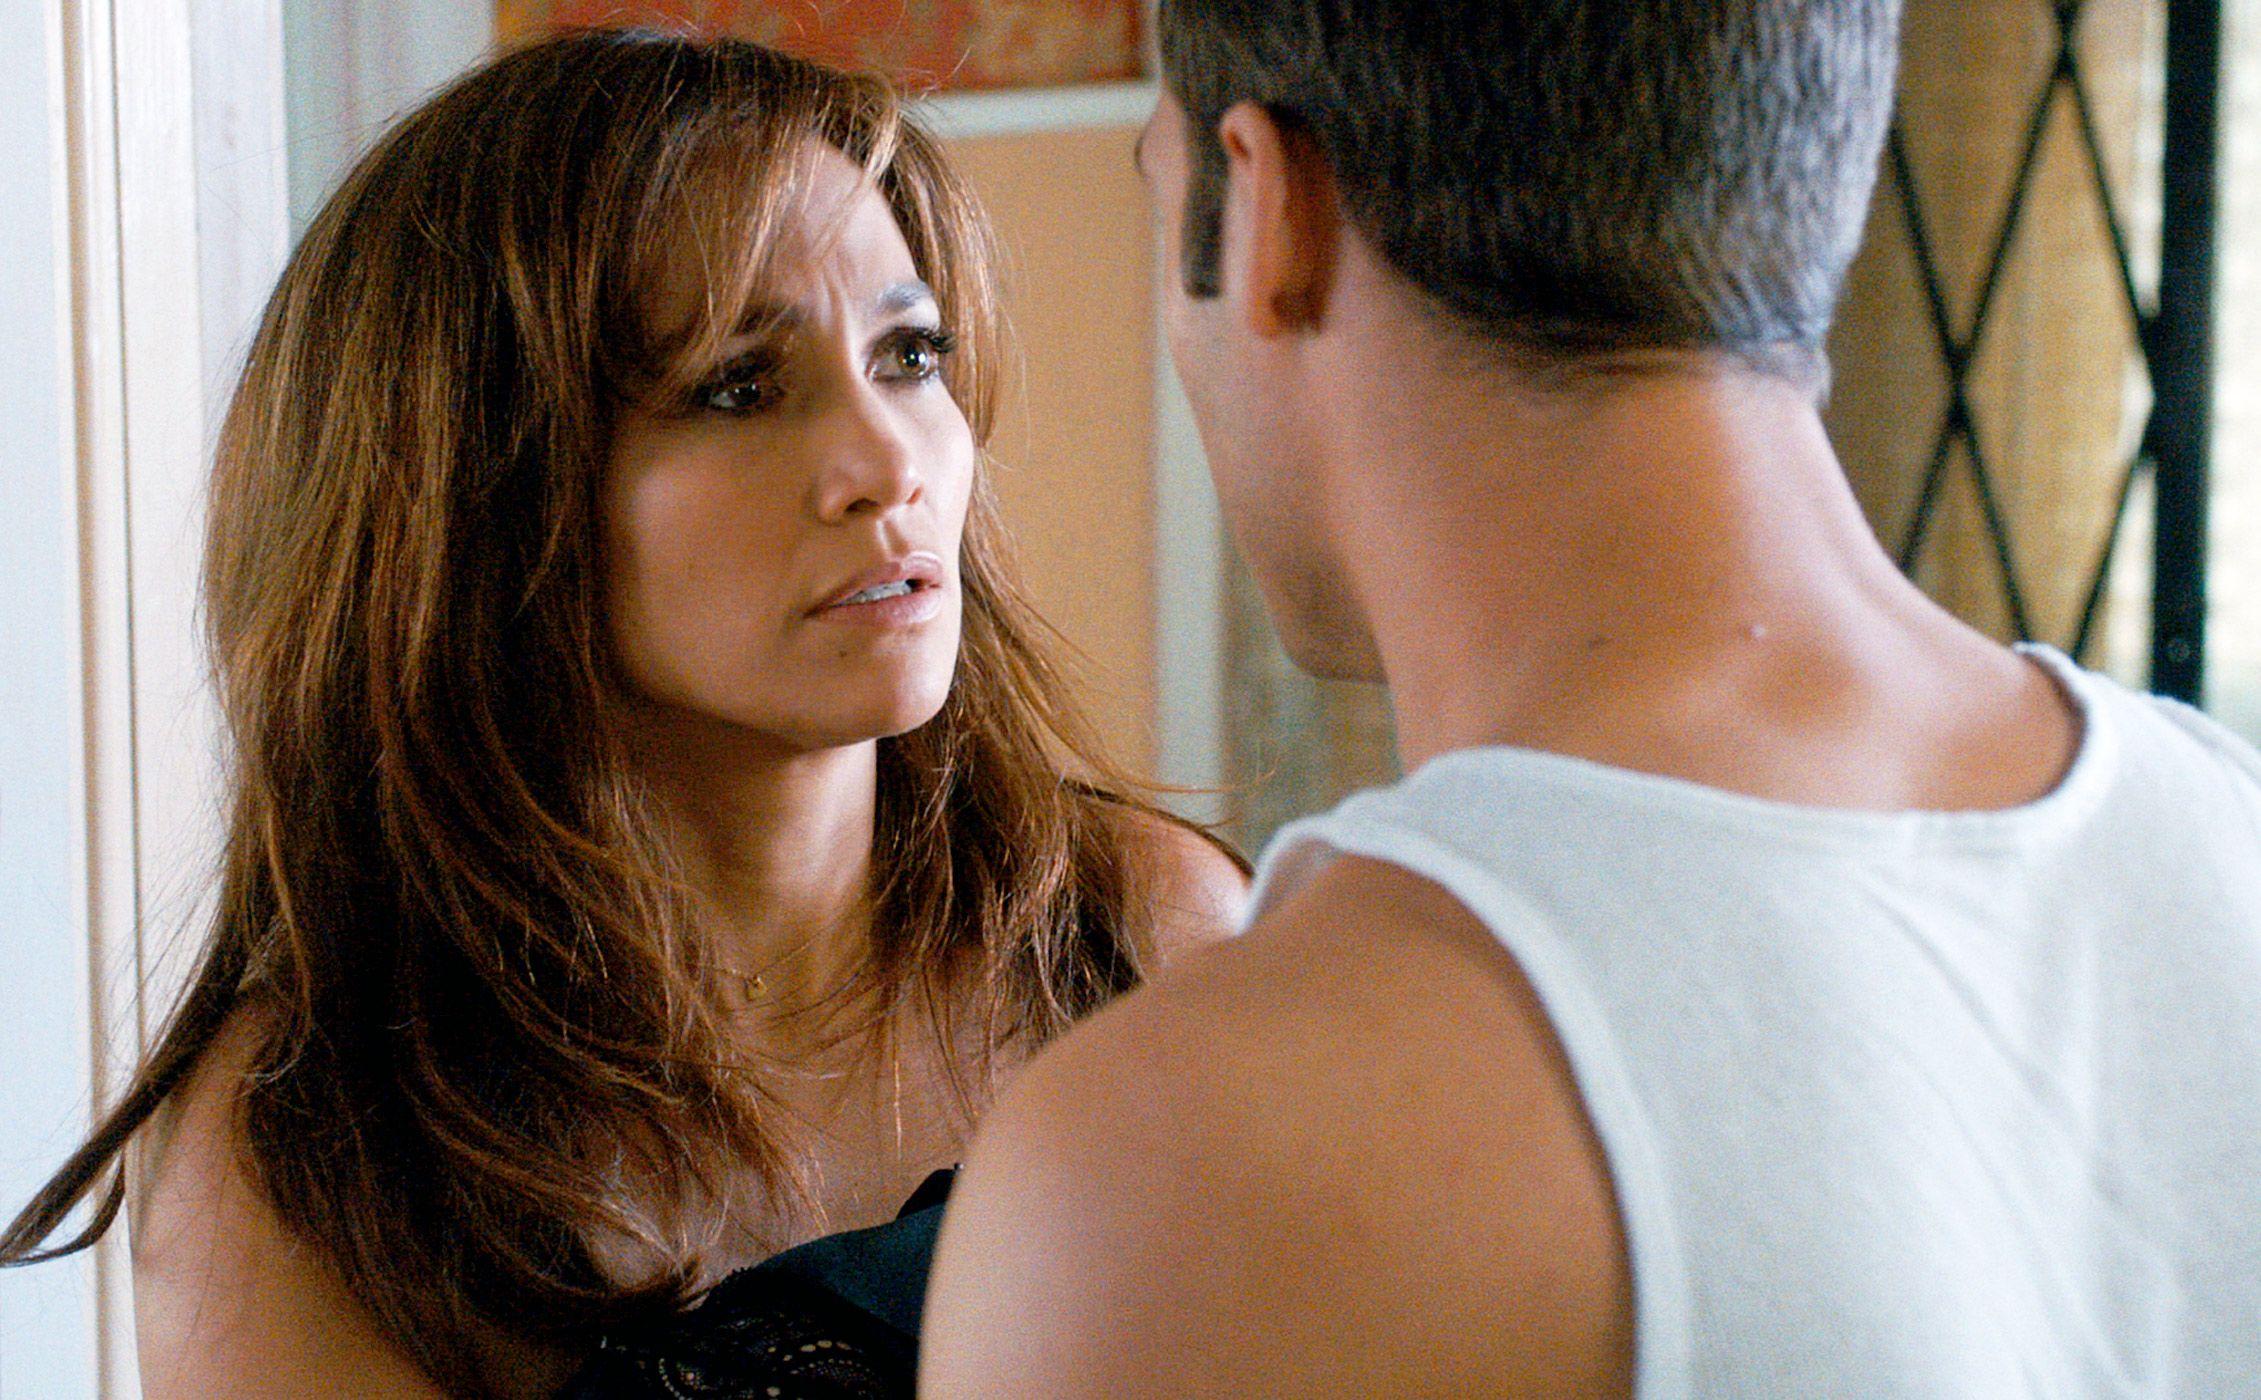 10 film che raccontano lo stalking e la violenza sulle donne